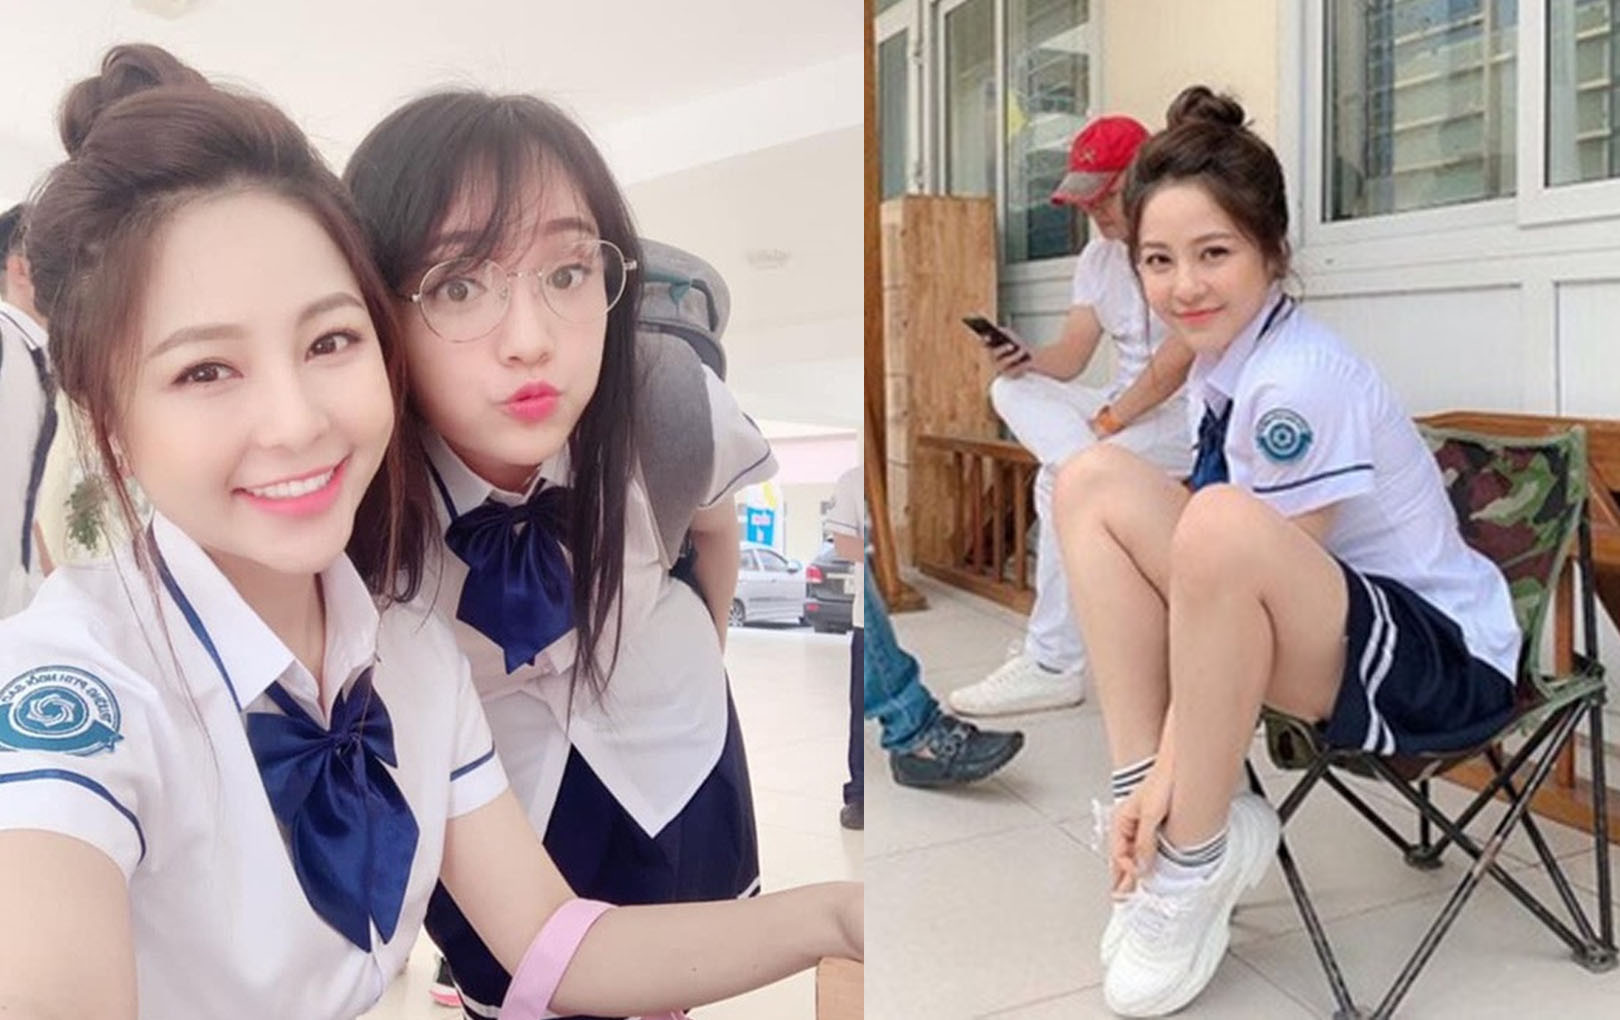 Dù đã gửi lời xin lỗi đạo diễn, hot girl Trâm Anh bất ngờ bị hủy sạch vai trong phim mới